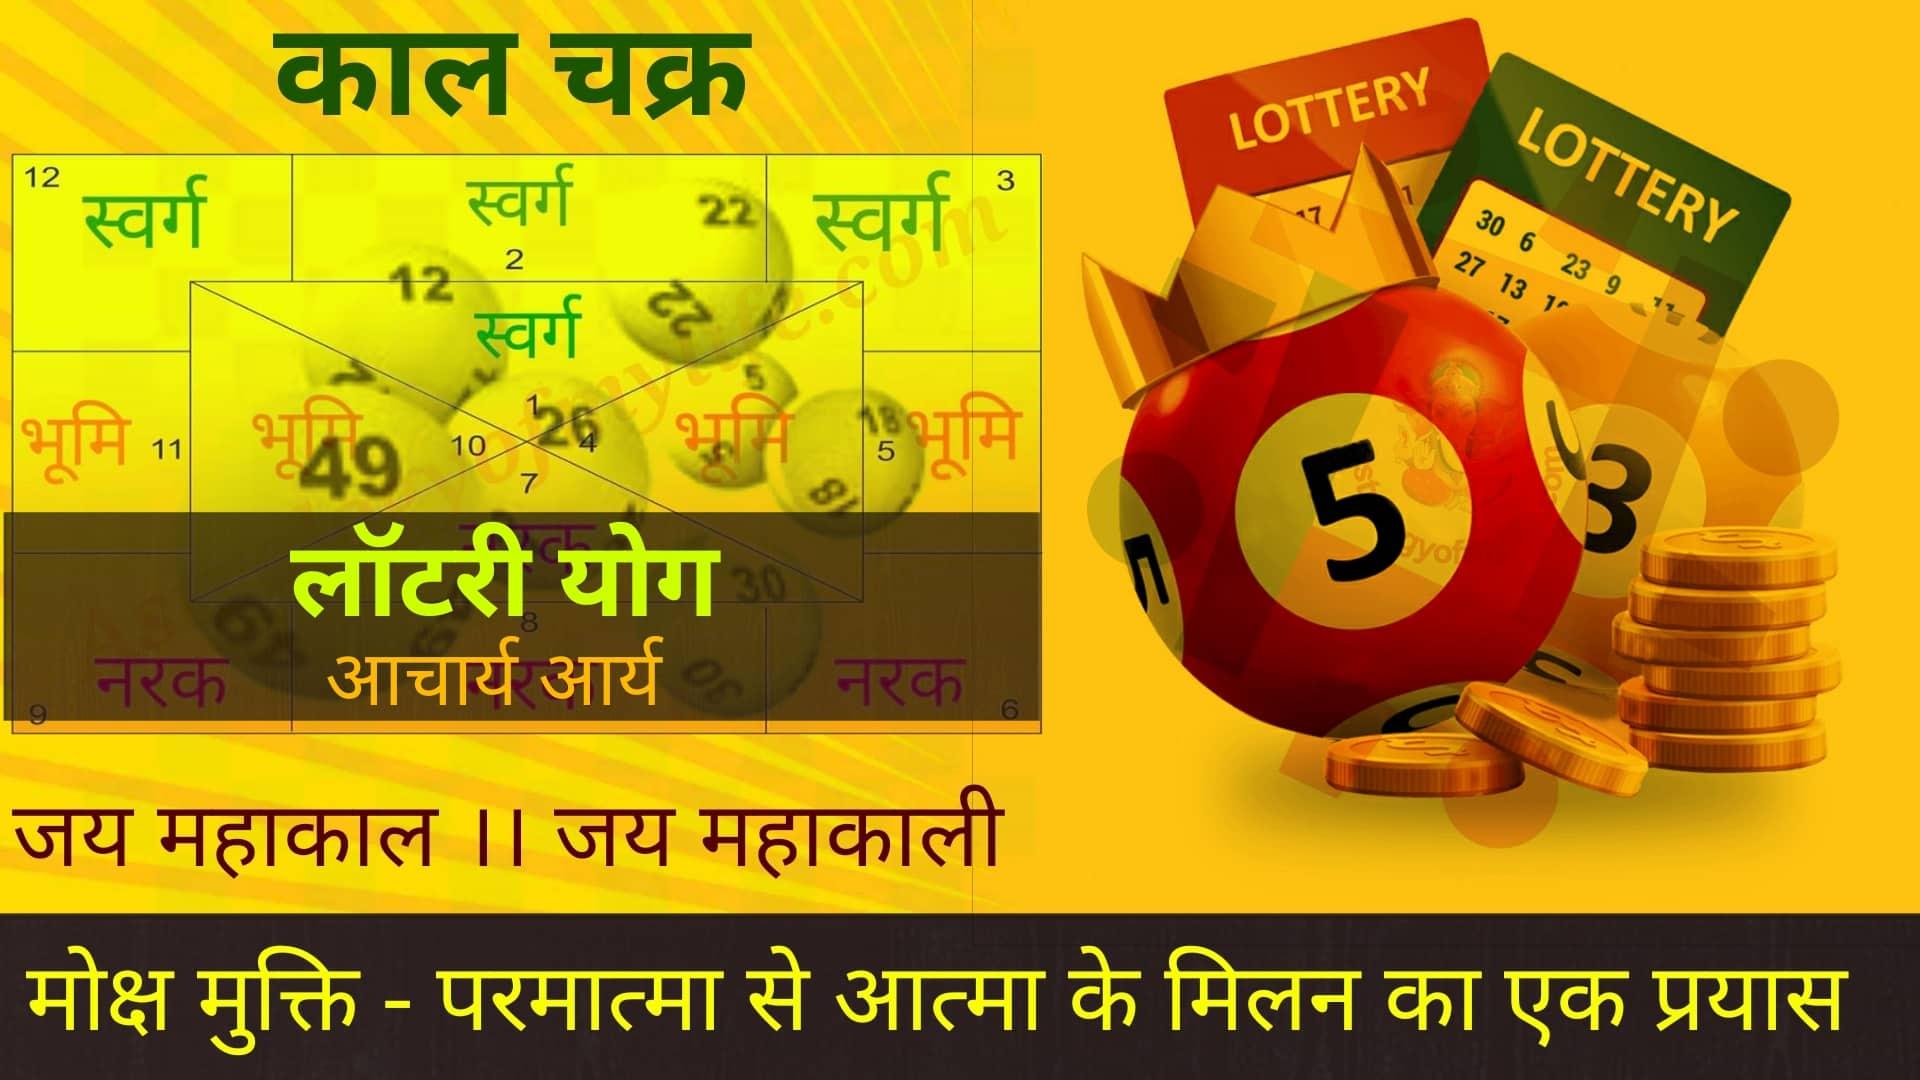 Lottery Yog